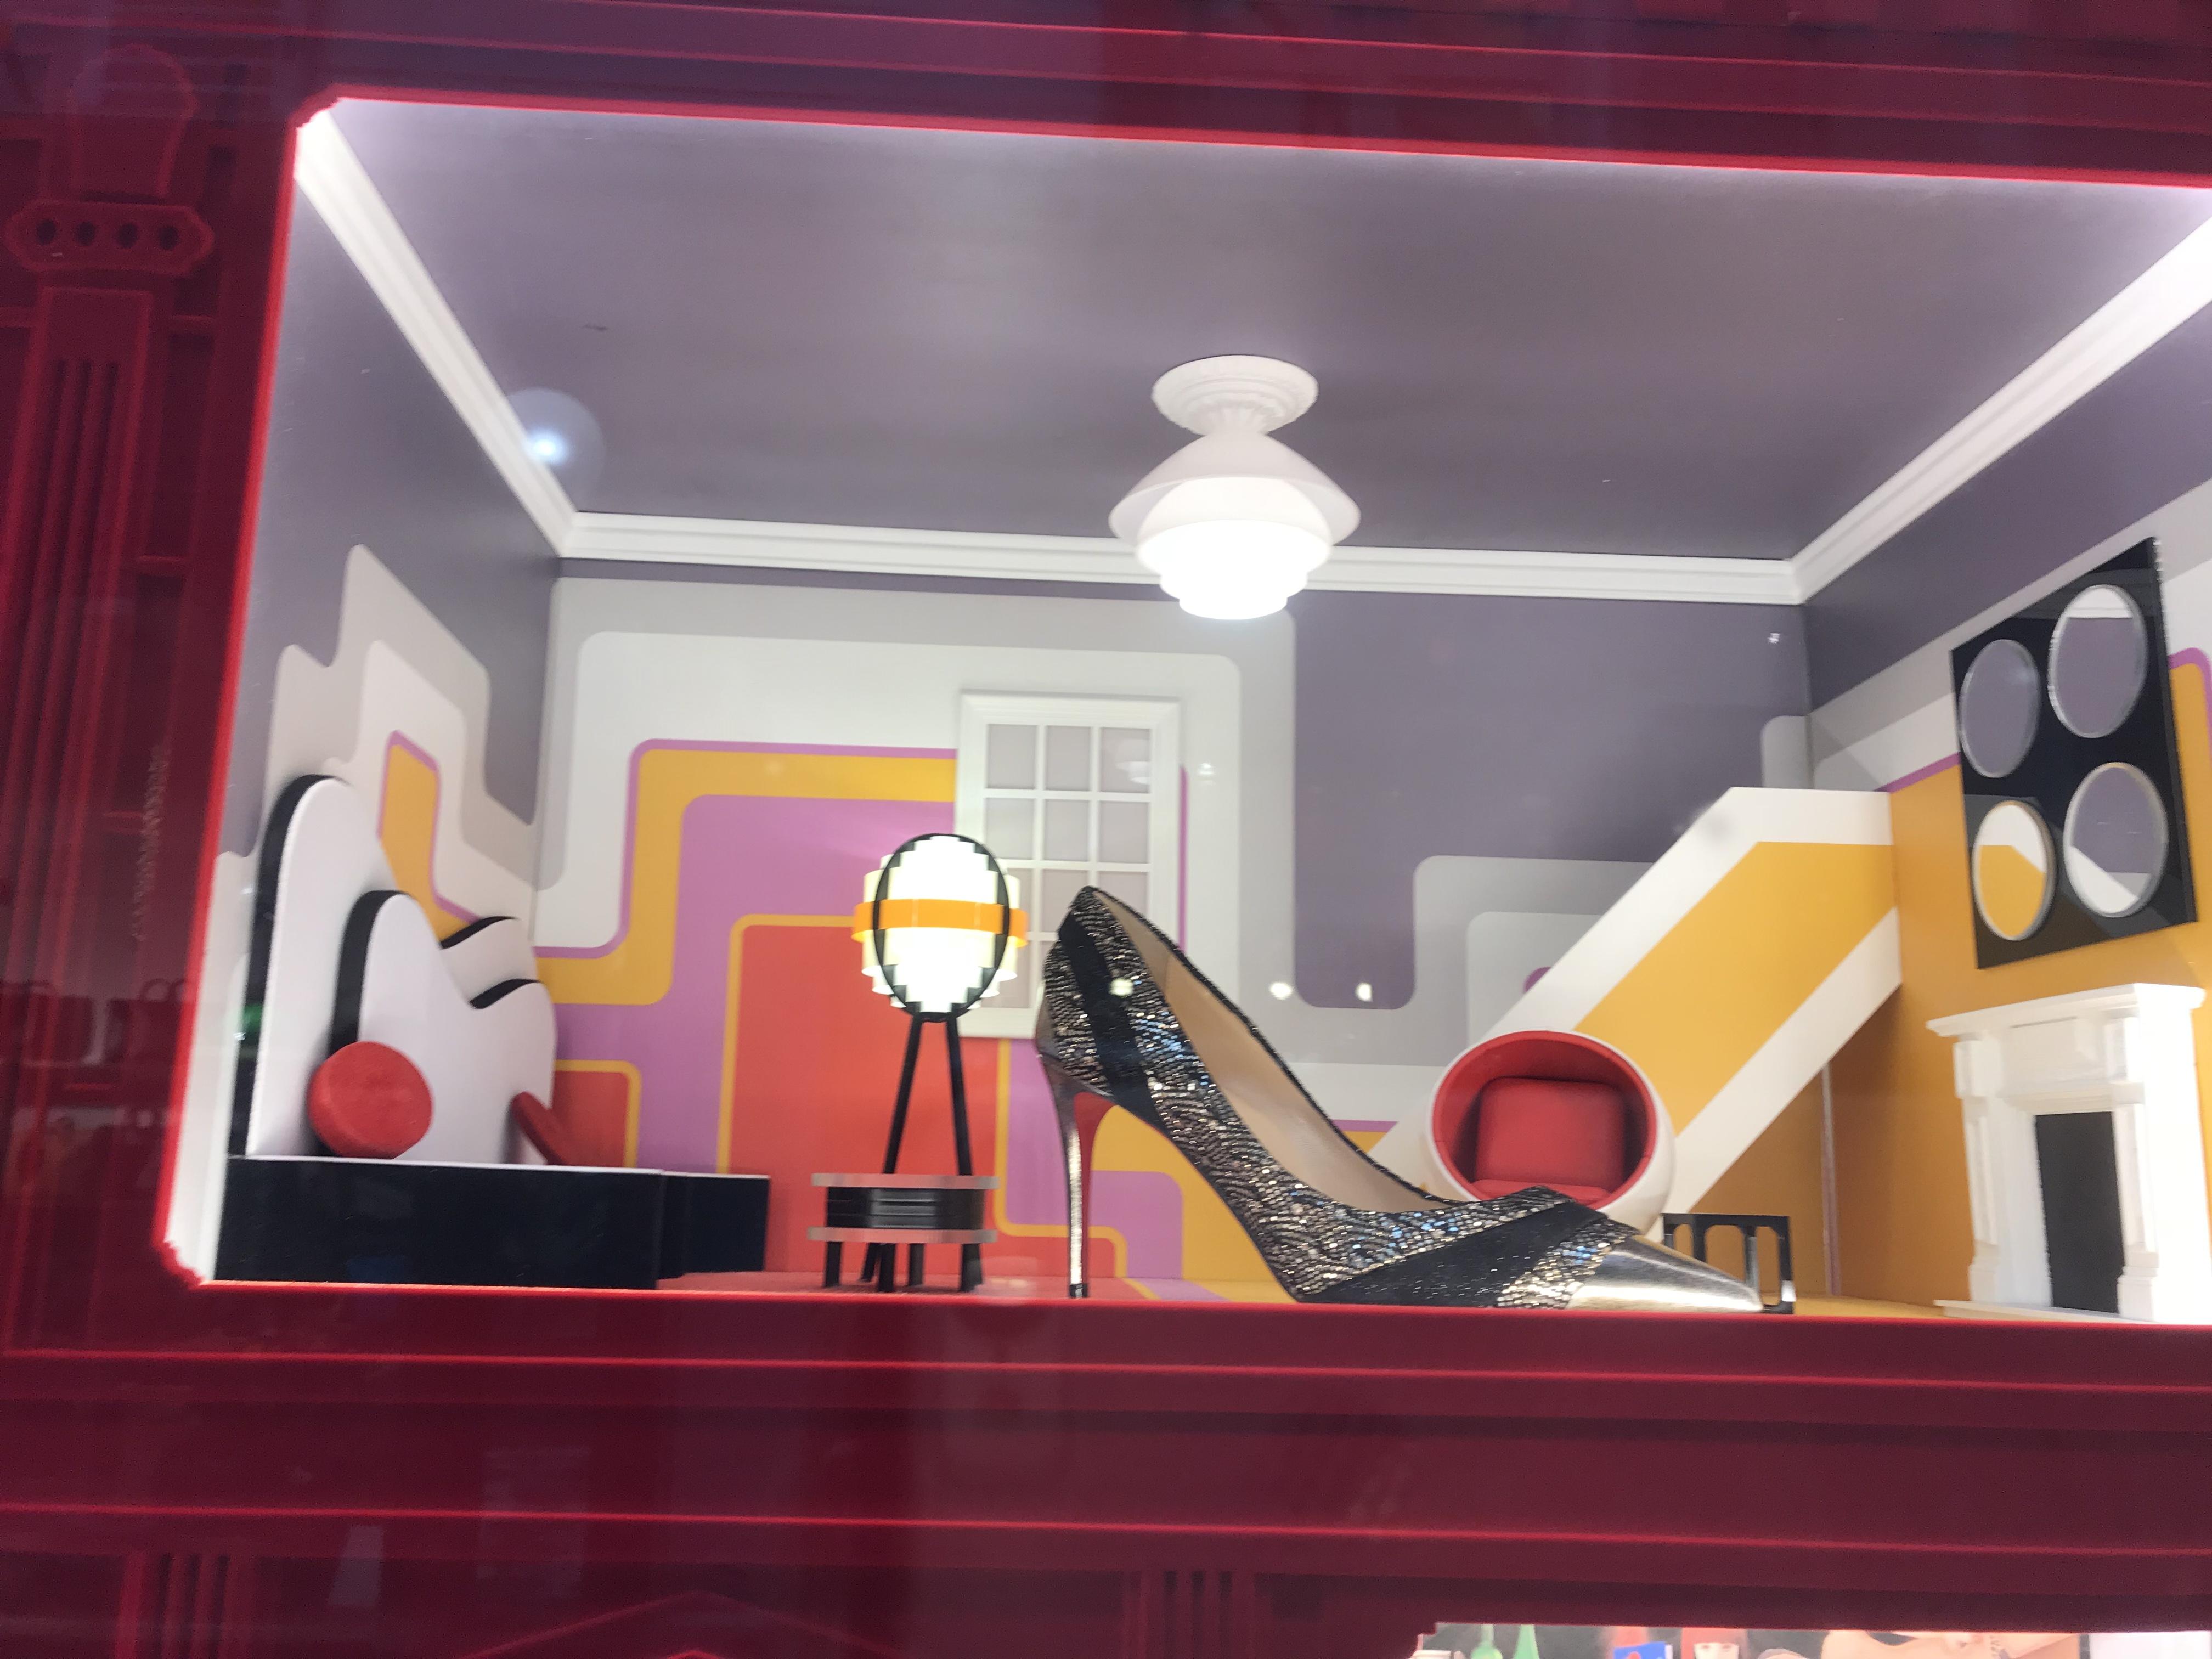 9a82cb37b7e A Dollhouse Display for Christian Louboutin | Rachel Kaplans ...